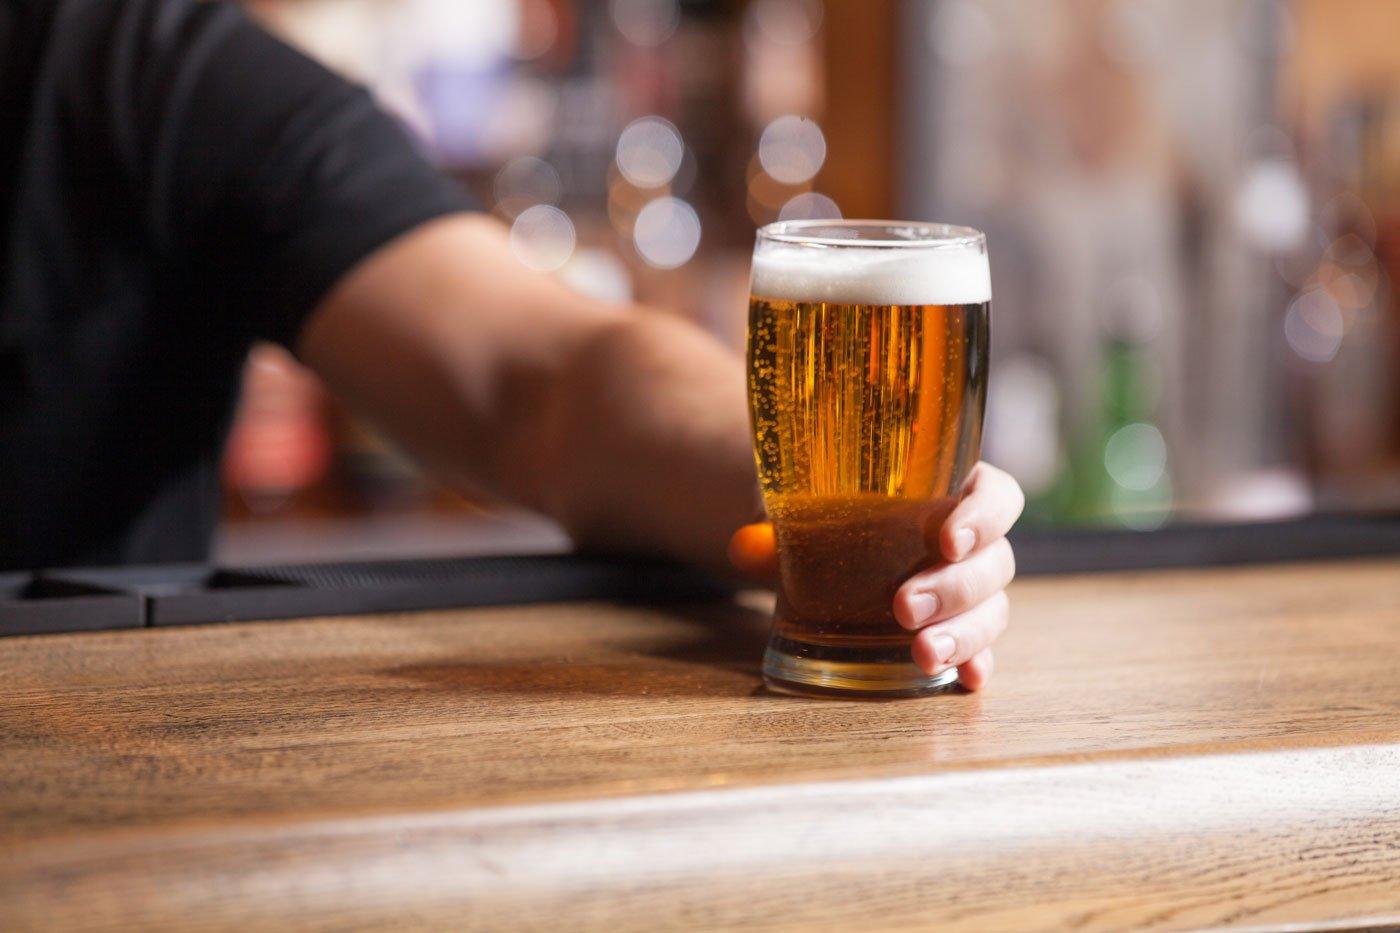 Individual holding a beer mug